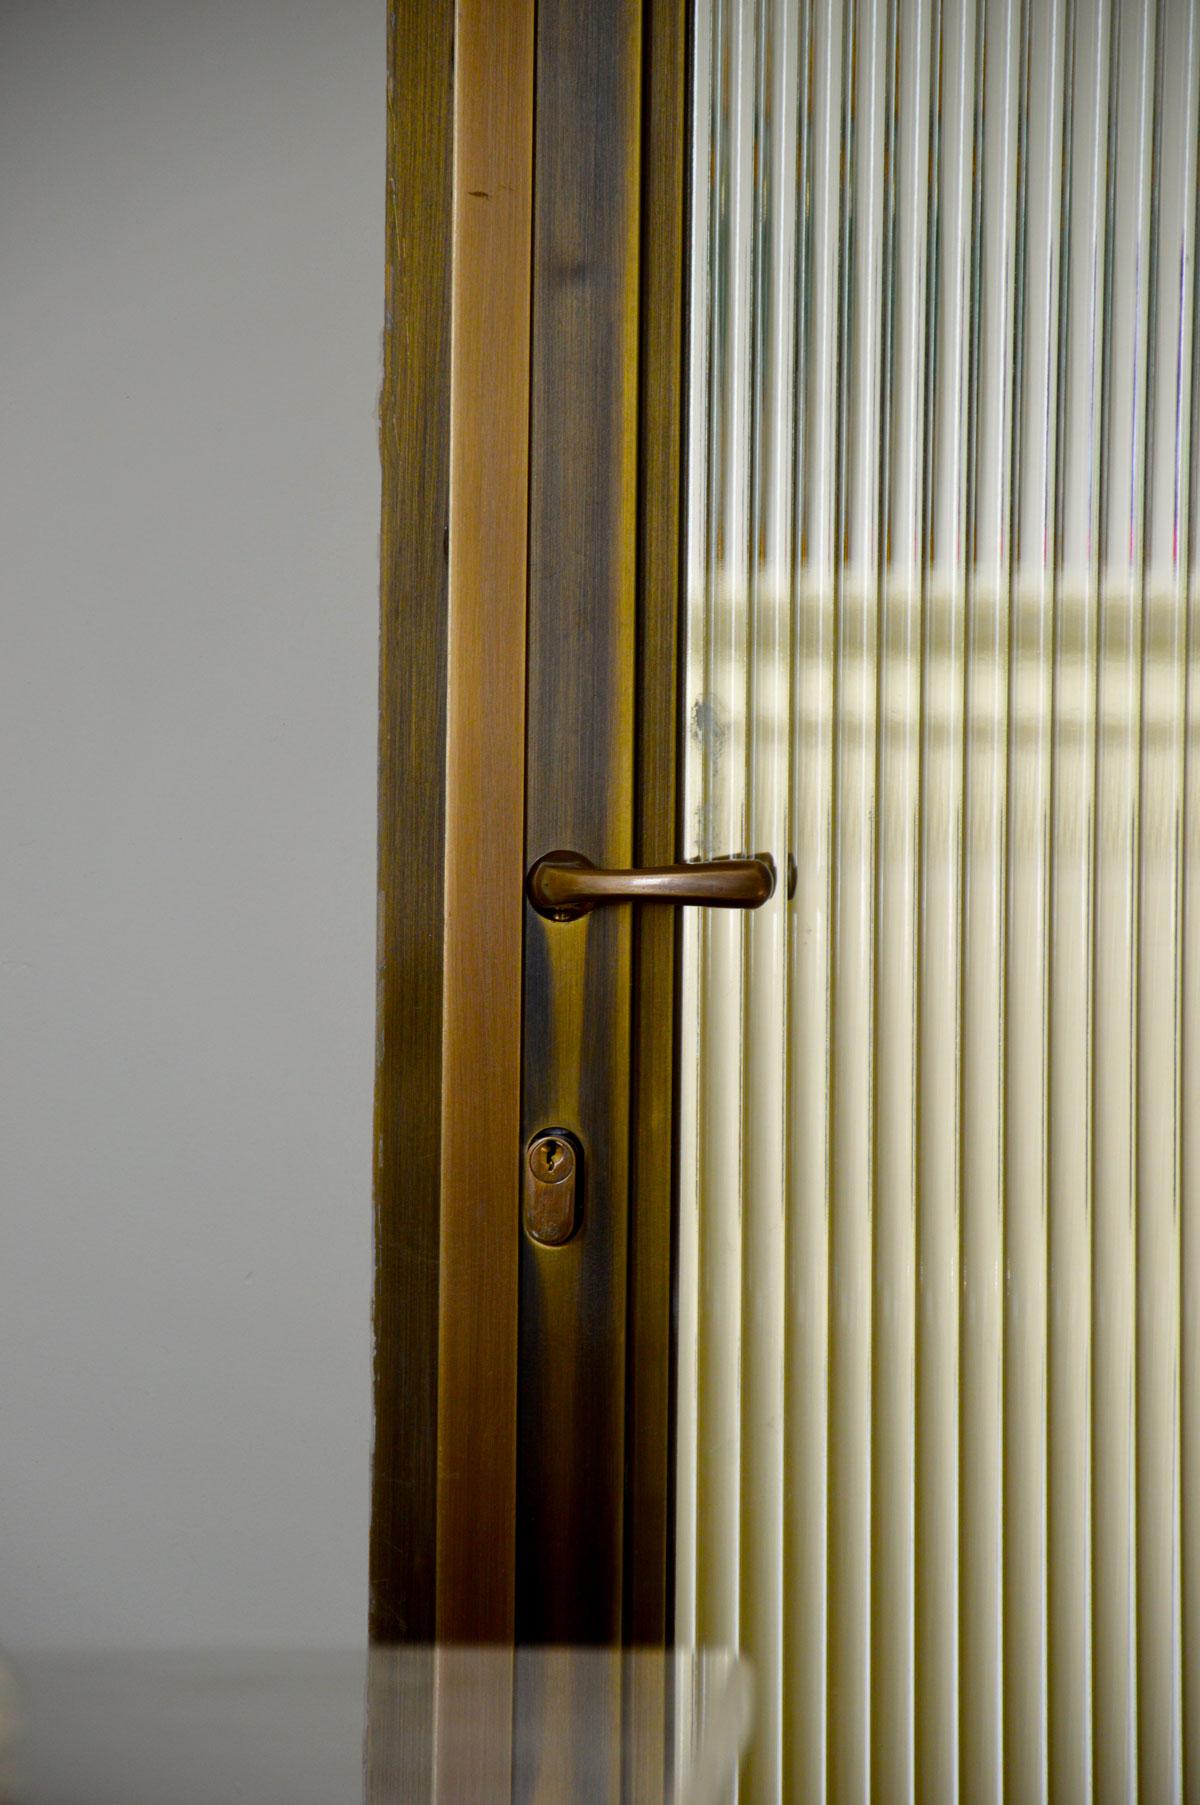 דלתות בהתאמה אישית - פליז